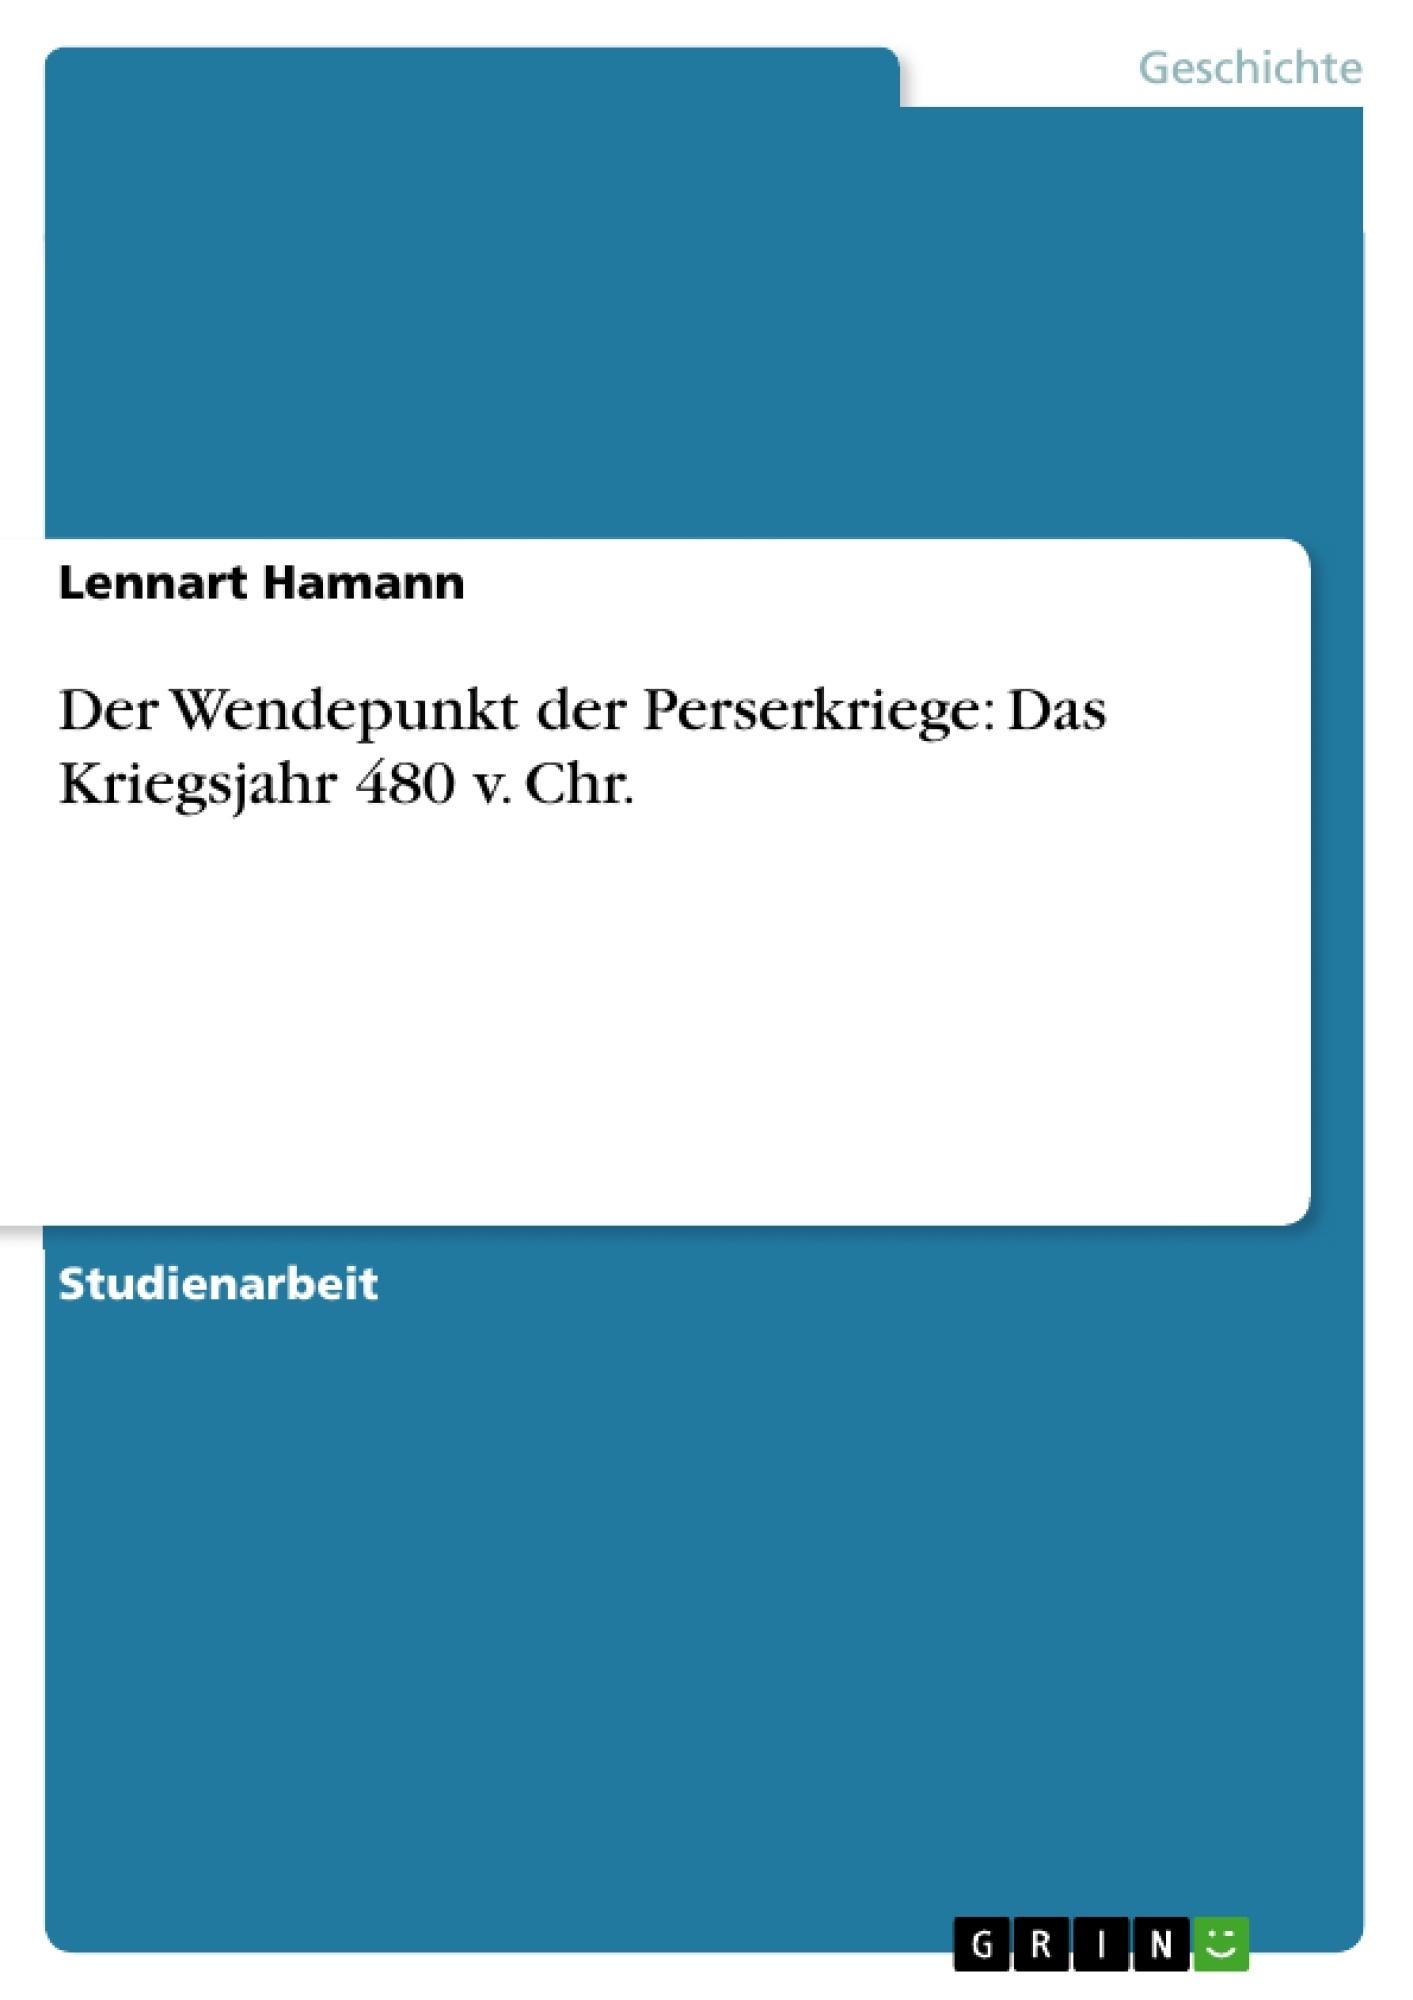 Titel: Der Wendepunkt der Perserkriege: Das Kriegsjahr 480 v. Chr.